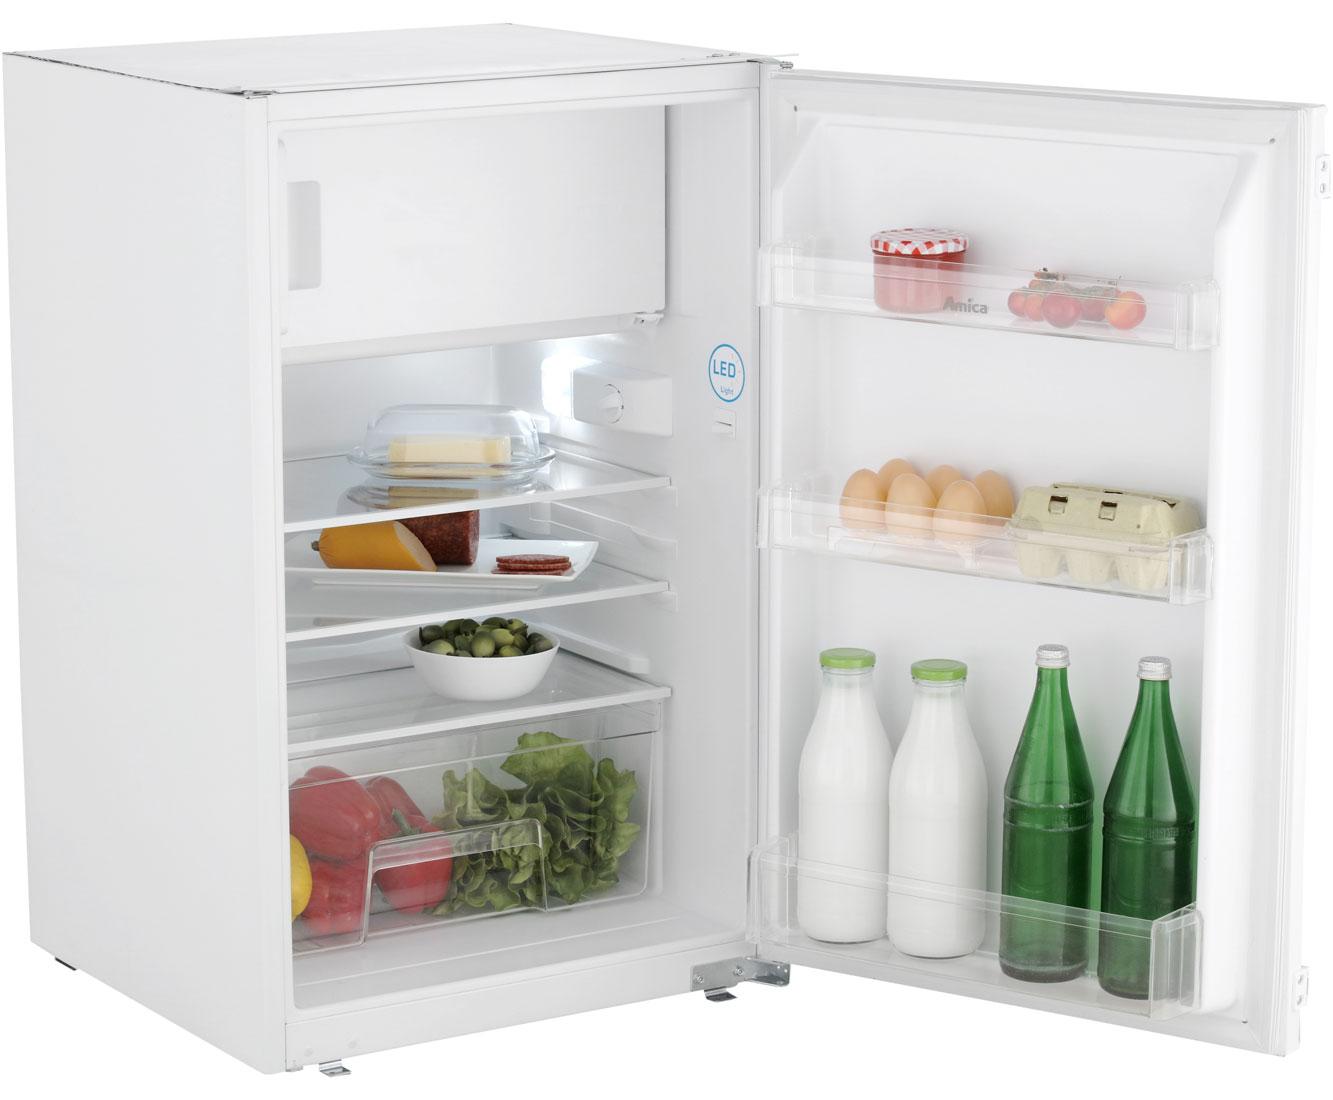 Amica Kühlschrank Zu Kalt : Amica kühlschrank temperatur einstellen kühlschrank modelle